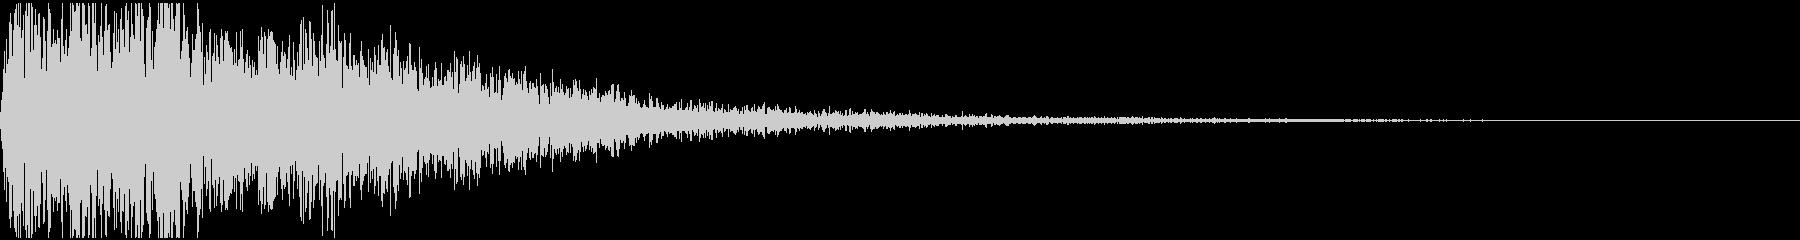 【シネマティック 】 衝撃音_08の未再生の波形